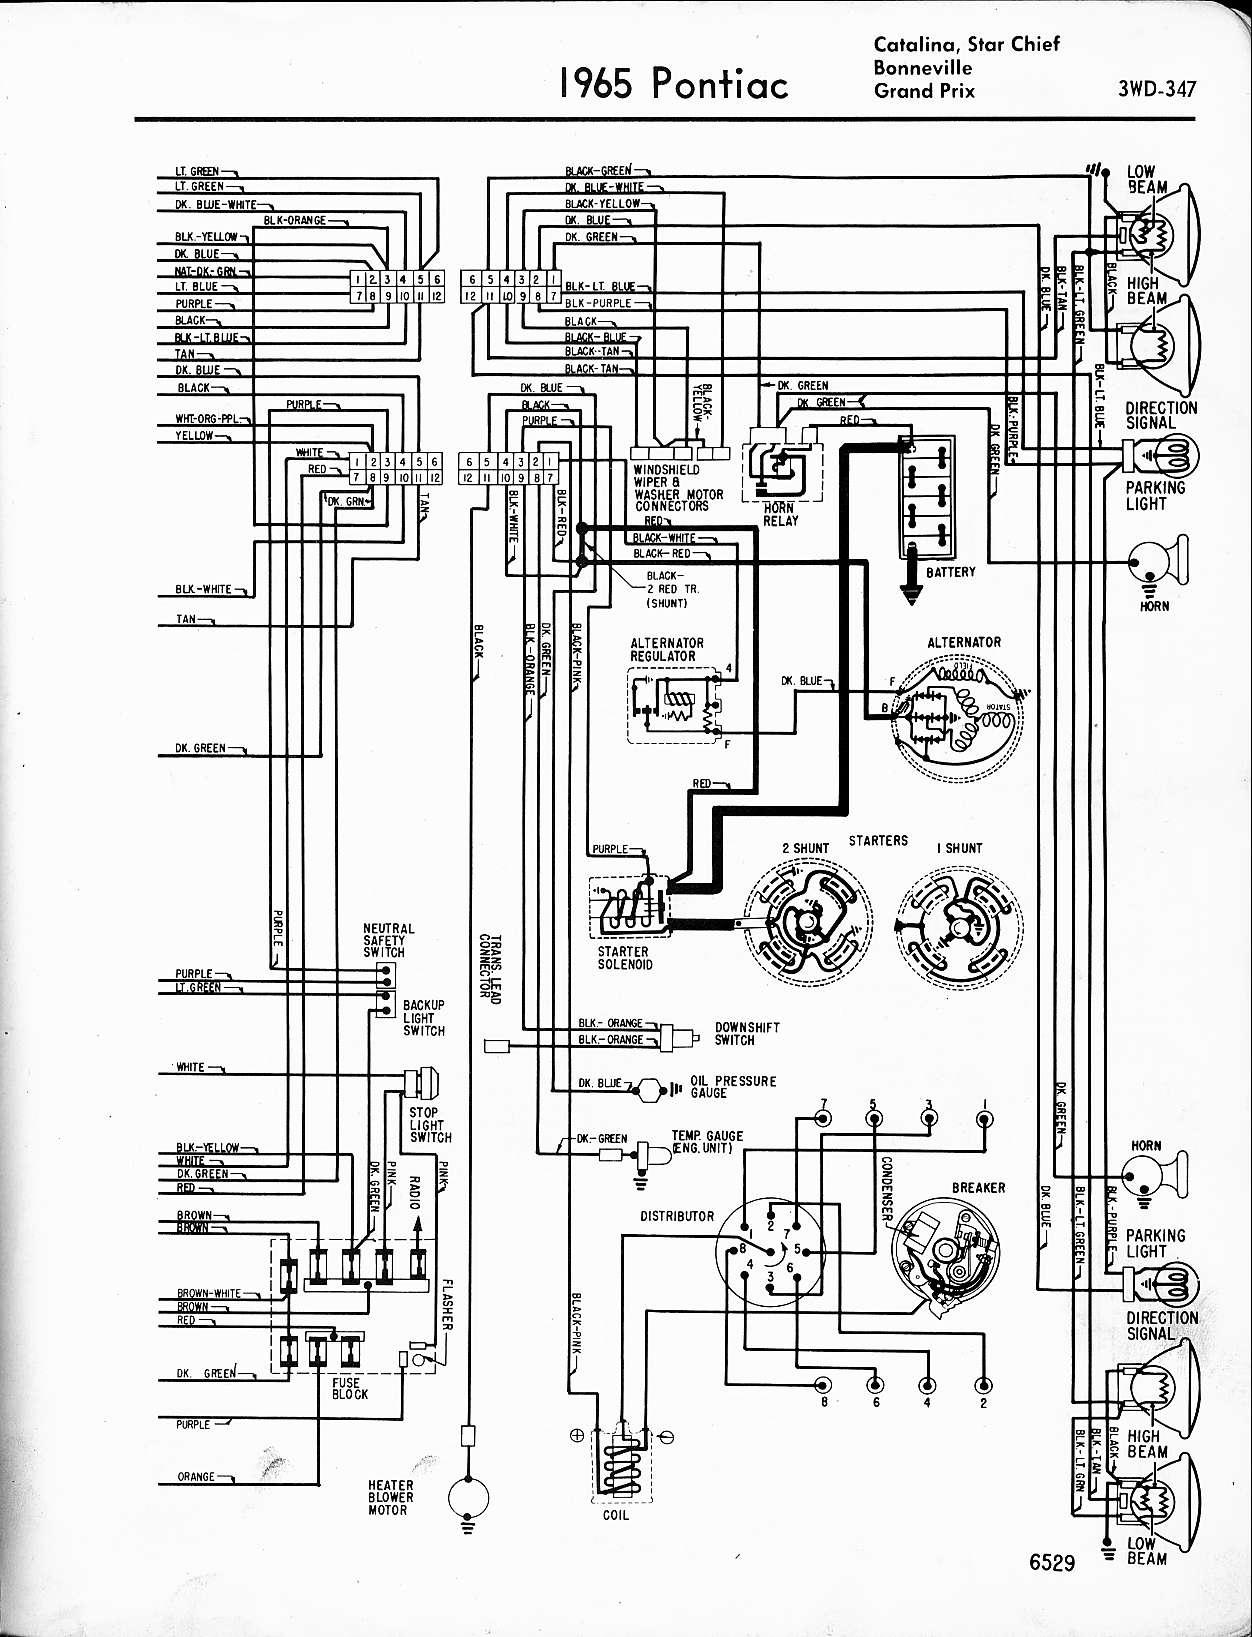 Tremendous Pontiac Vacuum Diagram Wiring Library Wiring Cloud Icalpermsplehendilmohammedshrineorg